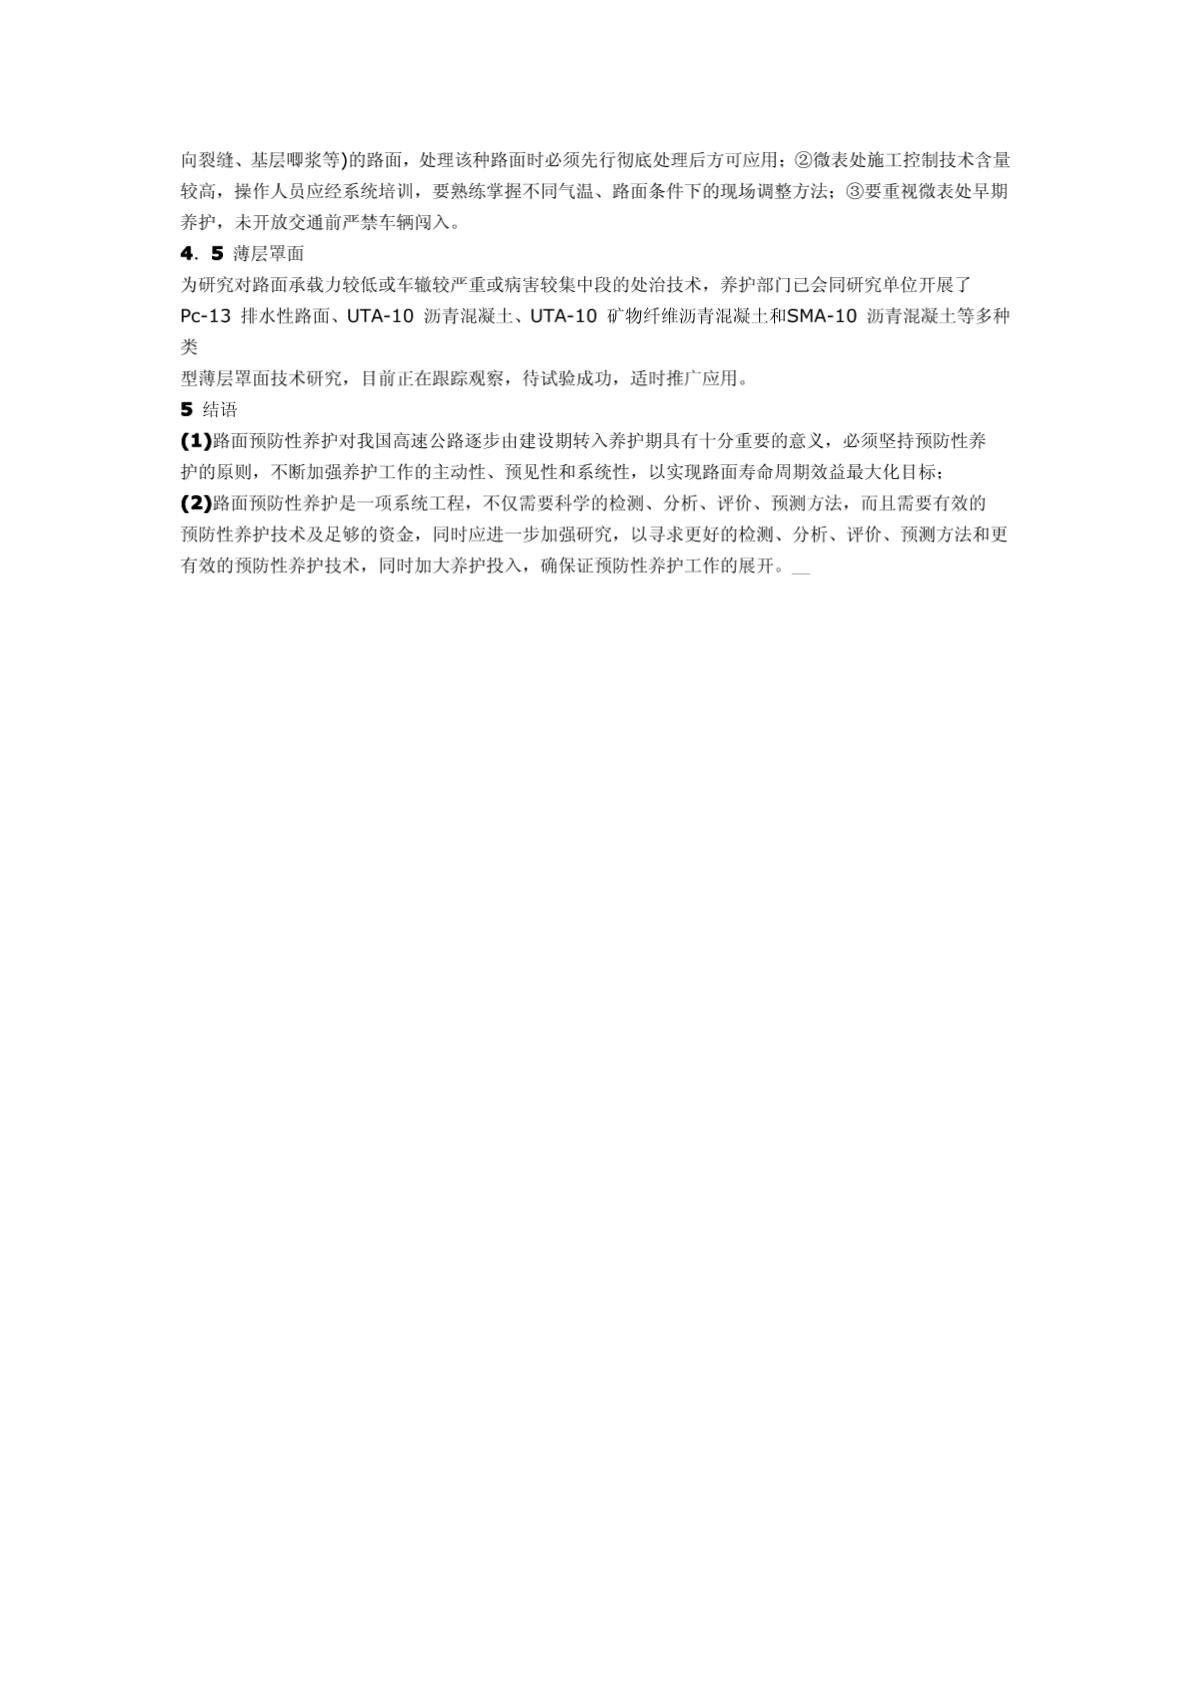 沪宁高速公路沥青路面预防性养护技术图片1